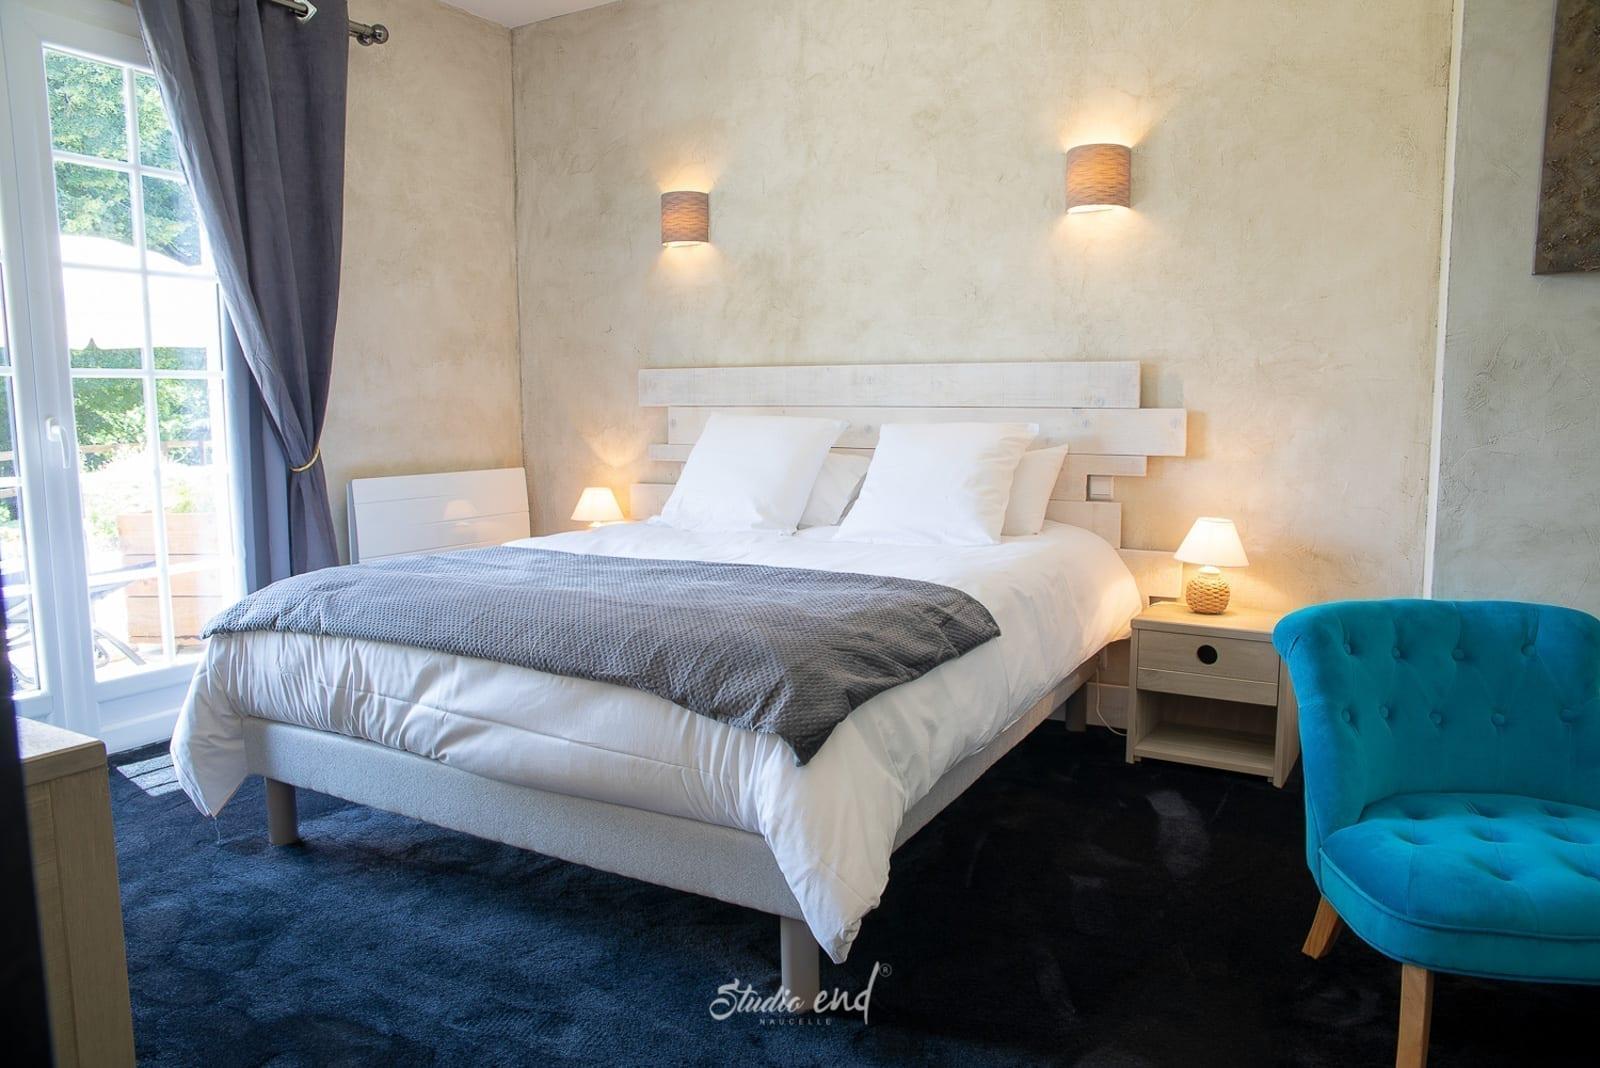 Photo de chambre et établissement hôtelier Studio End photographe Rodez